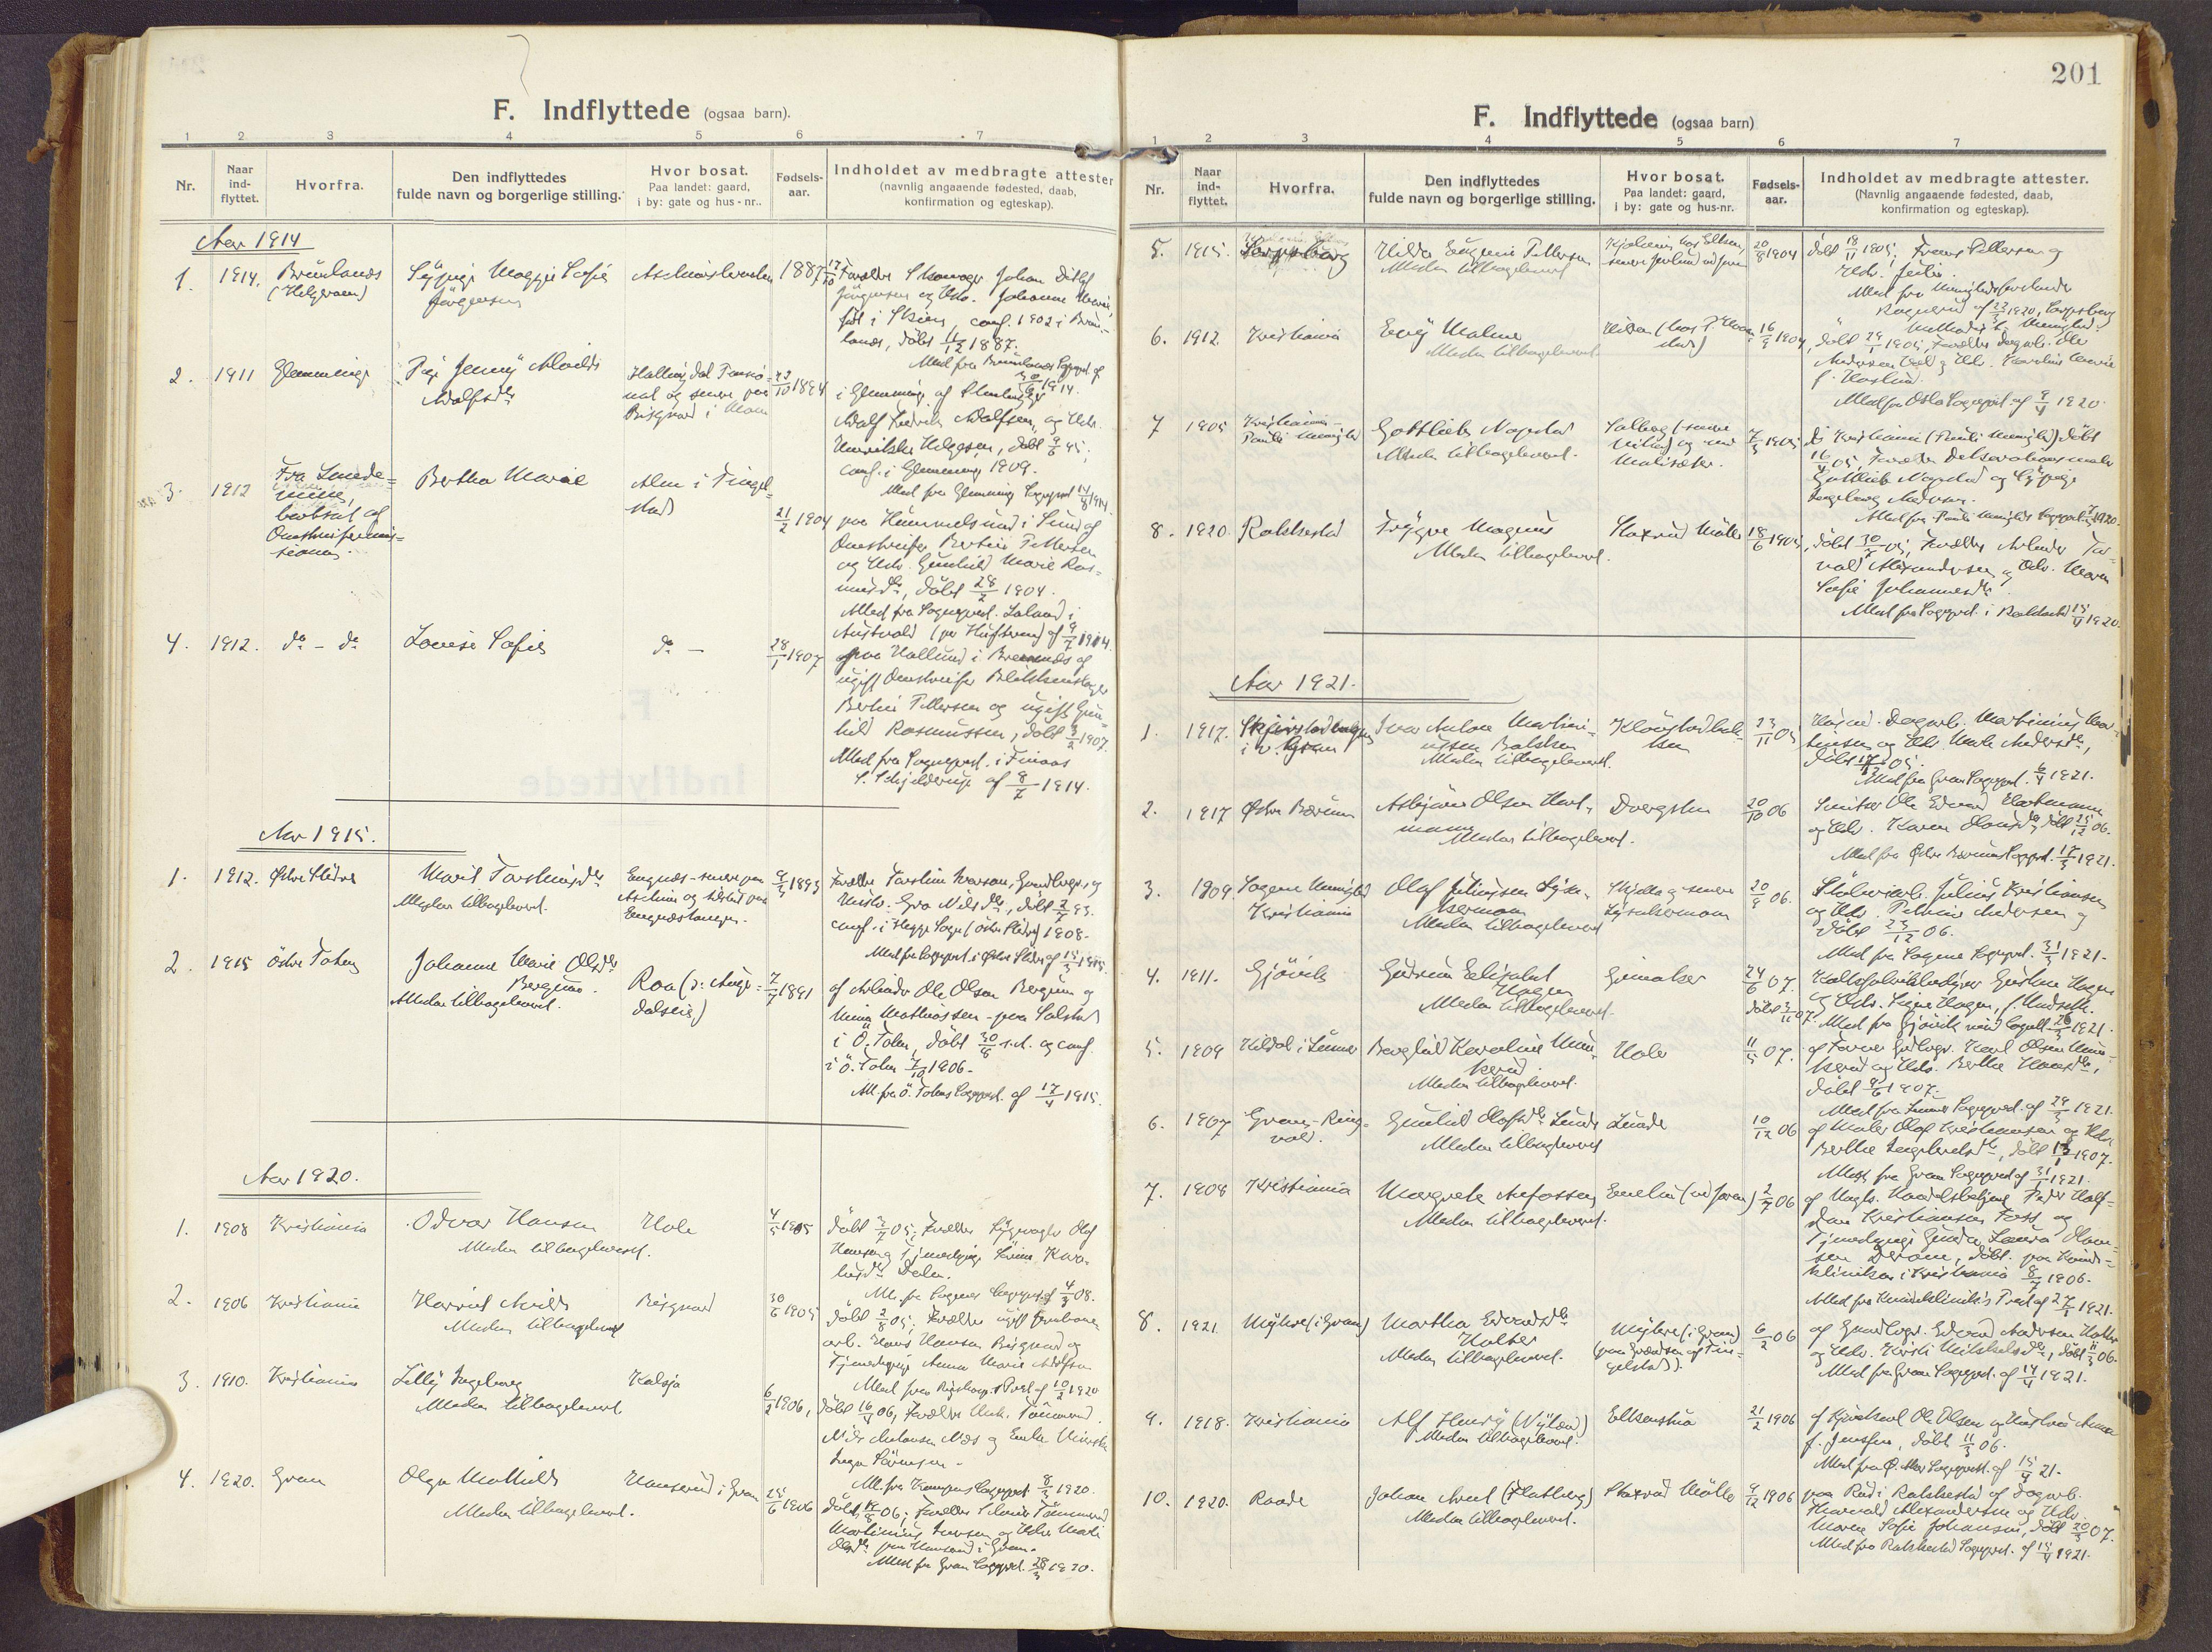 SAH, Brandbu prestekontor, Ministerialbok nr. 3, 1914-1928, s. 201